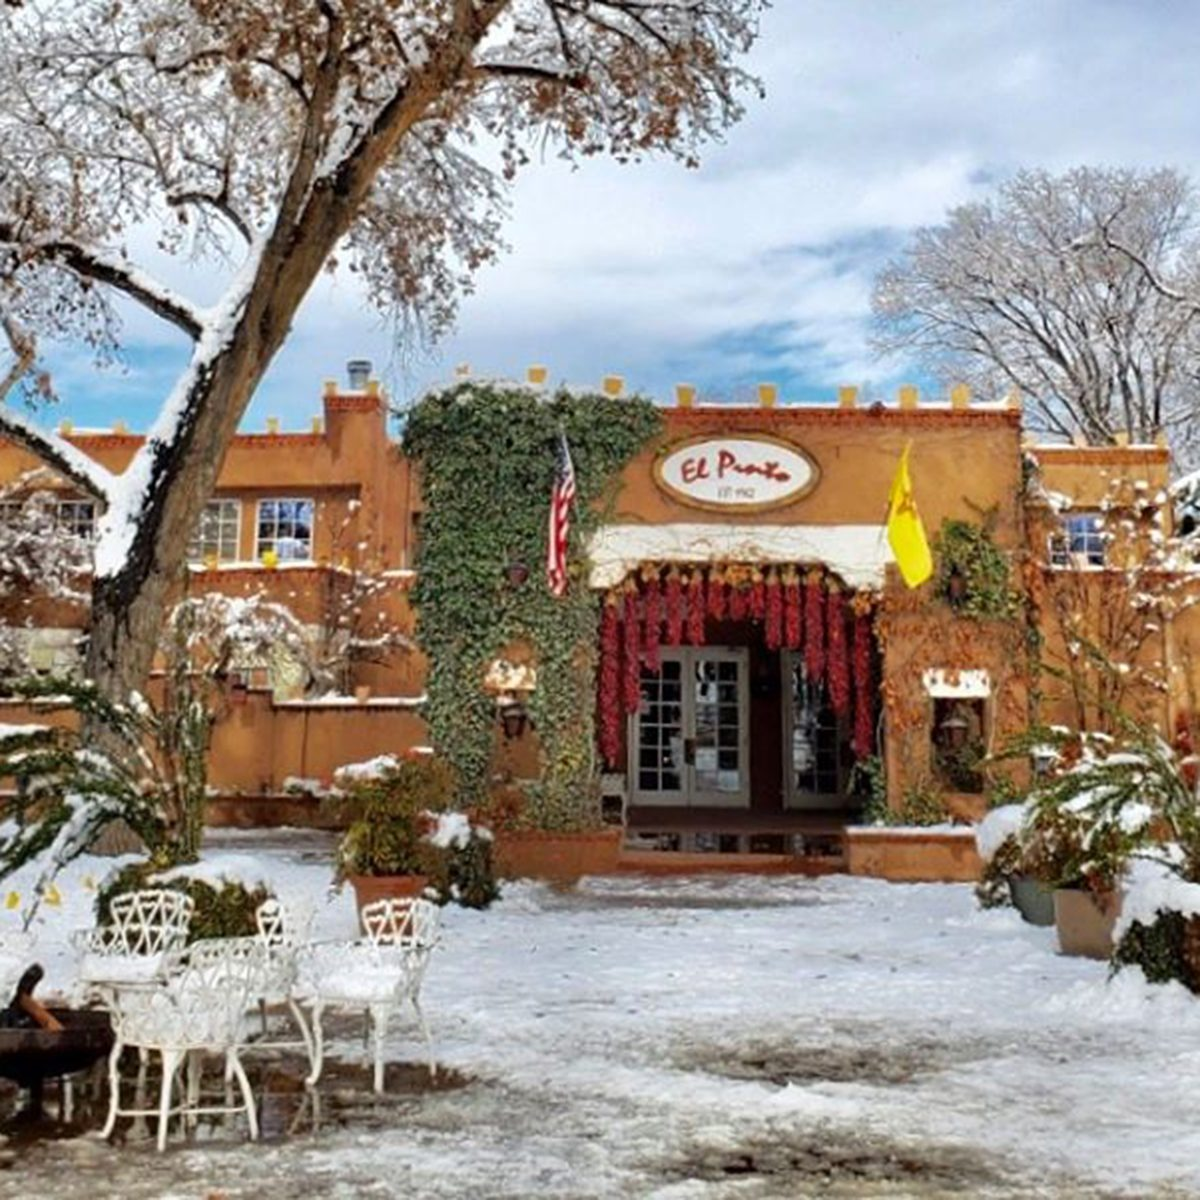 El Pinto Restaurant & Cantina